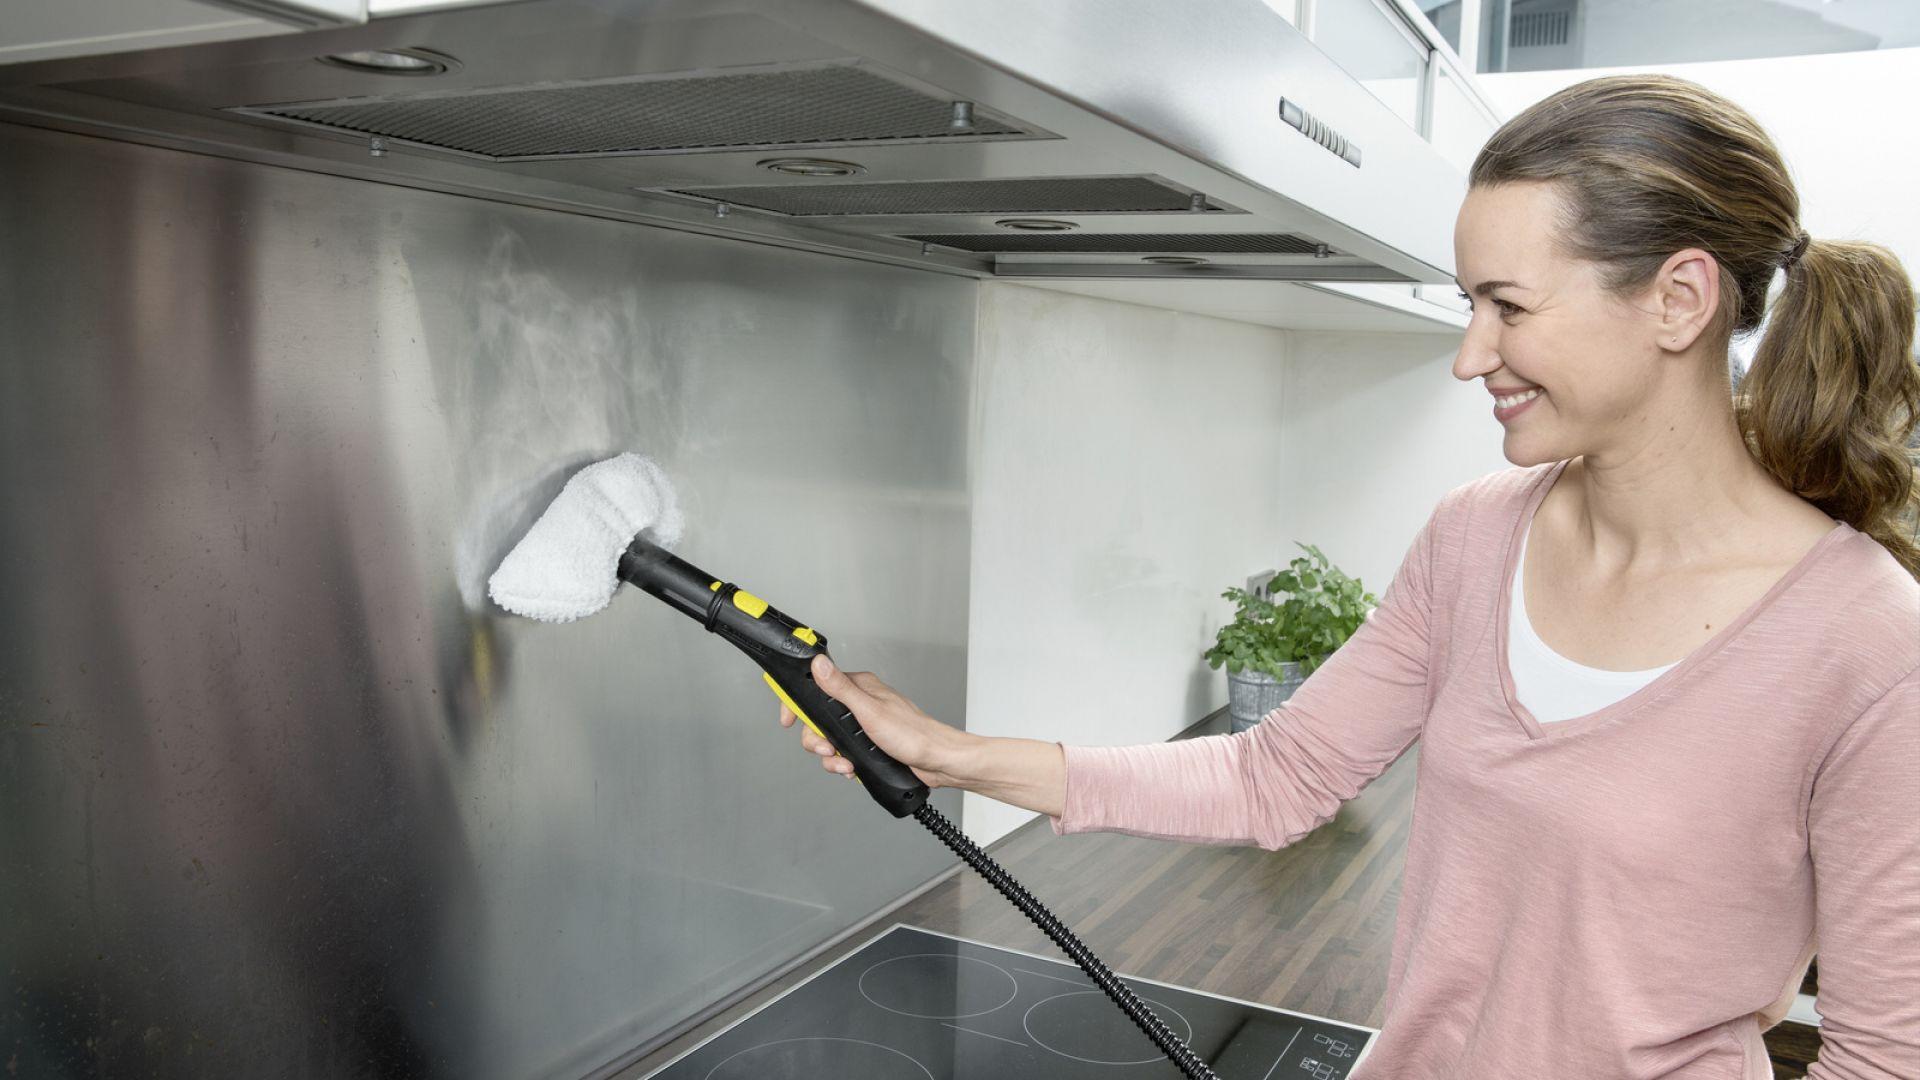 Гореща пара и пълен напред: как да почистваме и дезинфекцираме дома си правилно